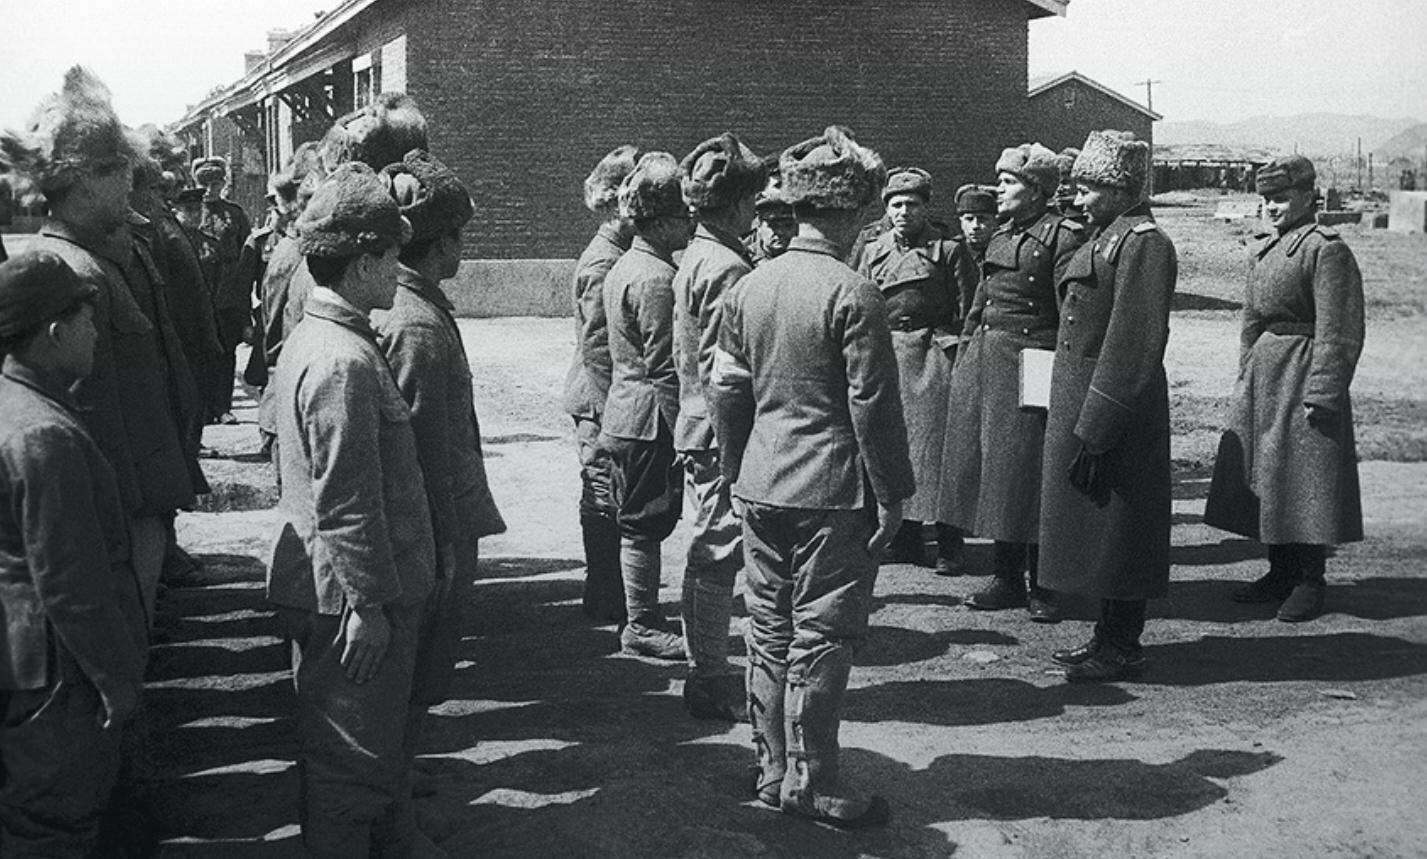 Лагерь для японских военнопленных в районе Муданьцзян, Маньчжурия, 1945 год